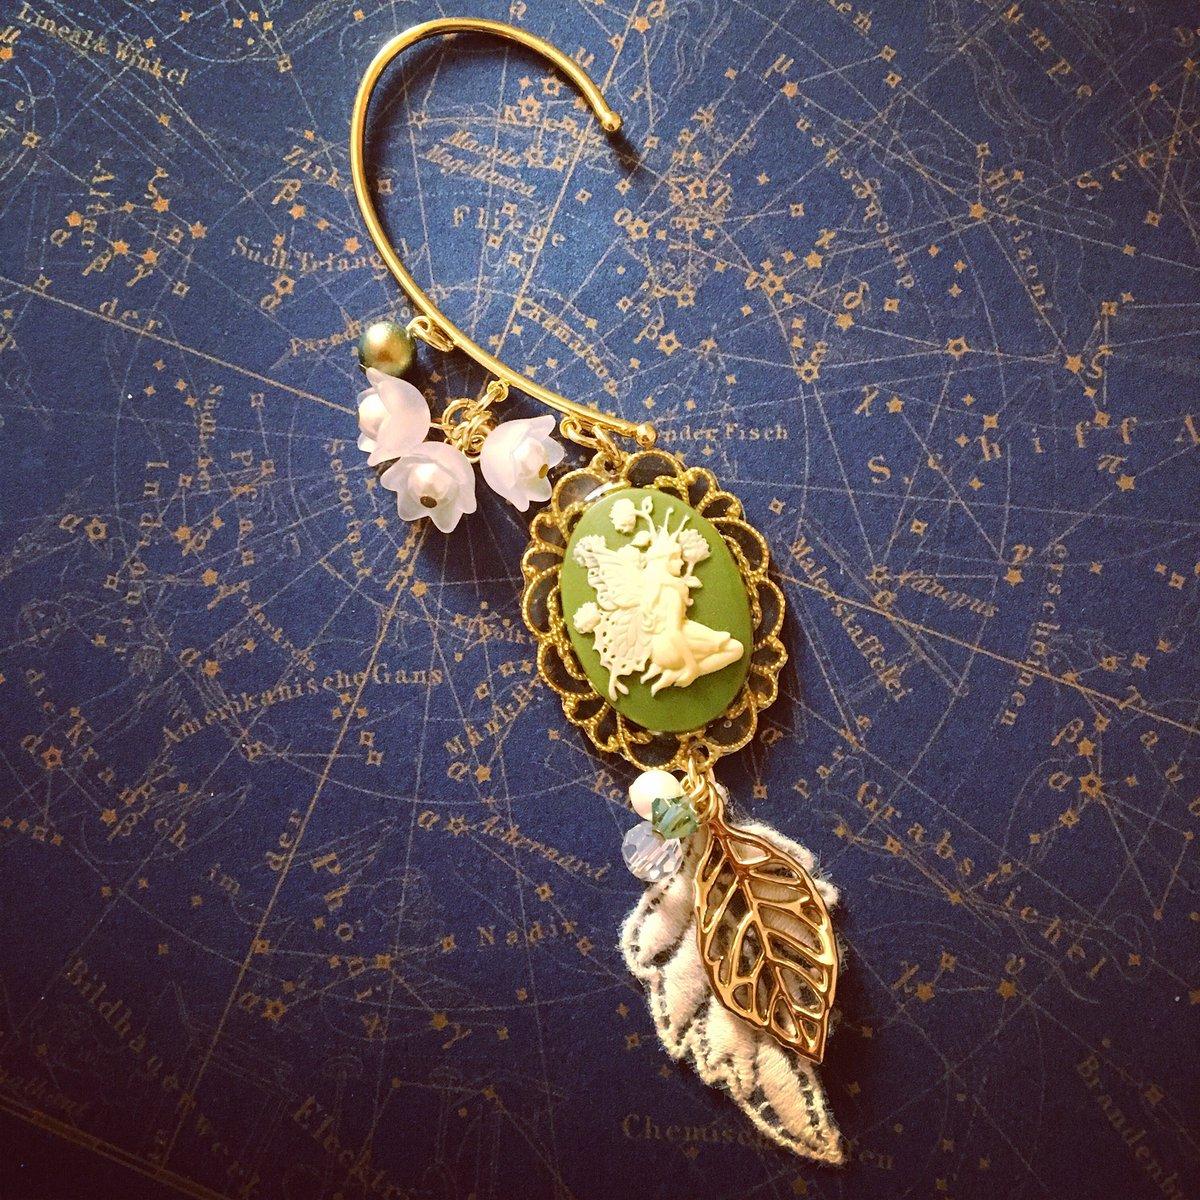 妖精のイヤーフック こちらはラヴィ様に納品予定です。pic.twitter.com/audjzAmDRi